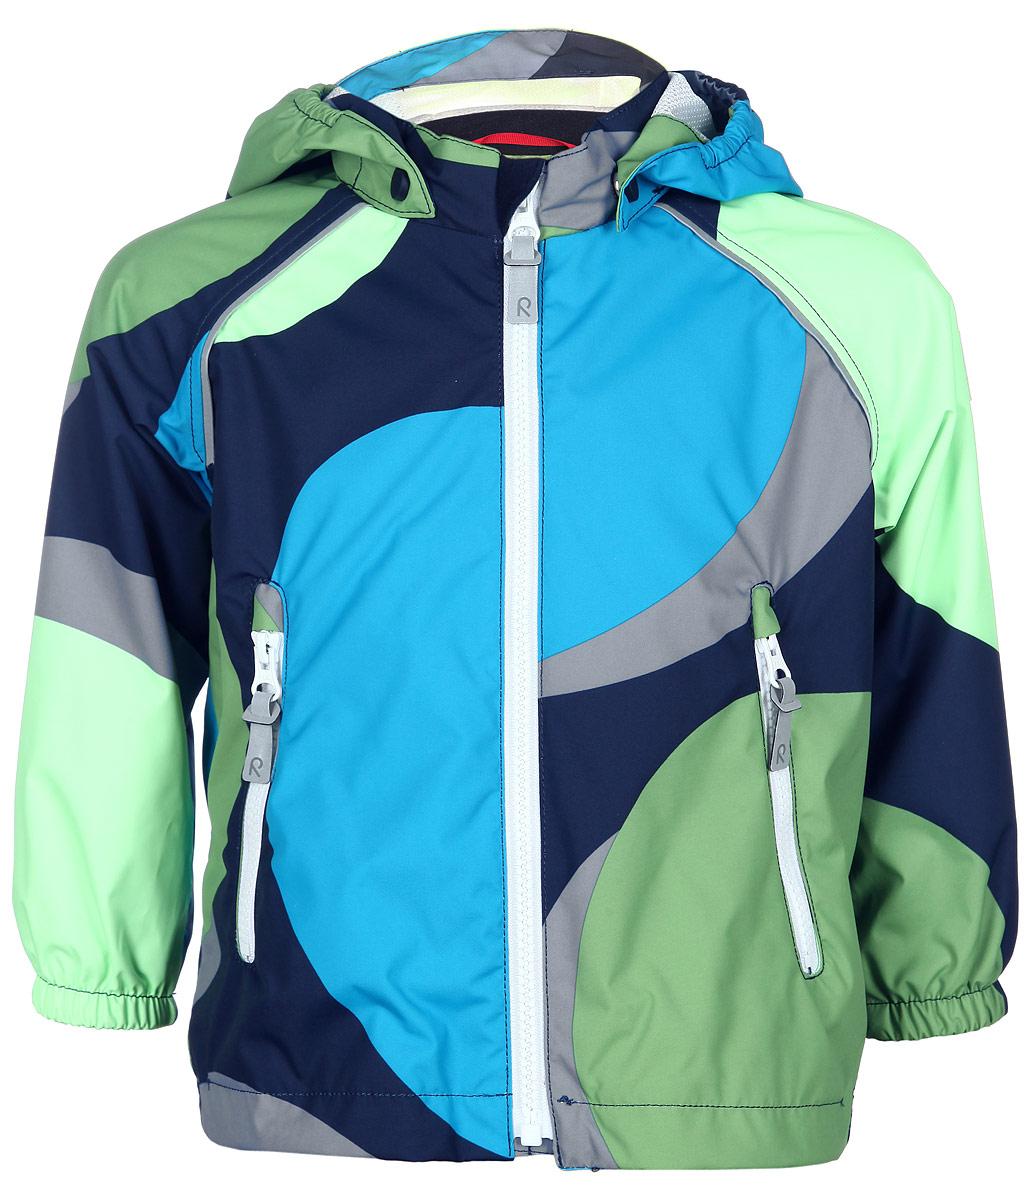 511201C_4724Детская куртка Reima Foamy идеально подойдет для ребенка в прохладное время года. Куртка изготовлена из водоотталкивающей и ветрозащитной мембранной ткани. Материал отличается высокой устойчивостью к трению, благодаря специальной обработке полиуретаном поверхность изделия отталкивает грязь и воду, что облегчает поддержание аккуратного вида одежды, дышащее покрытие с изнаночной части не раздражает даже самую нежную и чувствительную кожу ребенка, обеспечивая ему наибольший комфорт. Куртка с капюшоном и длинными рукавами-реглан застегивается на пластиковую застежку-молнию с защитой подбородка, благодаря чему ее легко надевать и снимать, и дополнительно имеет внутреннюю ветрозащитную планку. Капюшон, присборенный по бокам, защитит нежные щечки от ветра, он пристегивается к куртке при помощи застежек-кнопок. Низ рукавов дополнен неширокими эластичными манжетами. Мягкая подкладка на воротнике и манжетах обеспечивает дополнительный комфорт. Спинка изделия удлинена. Спереди куртка...